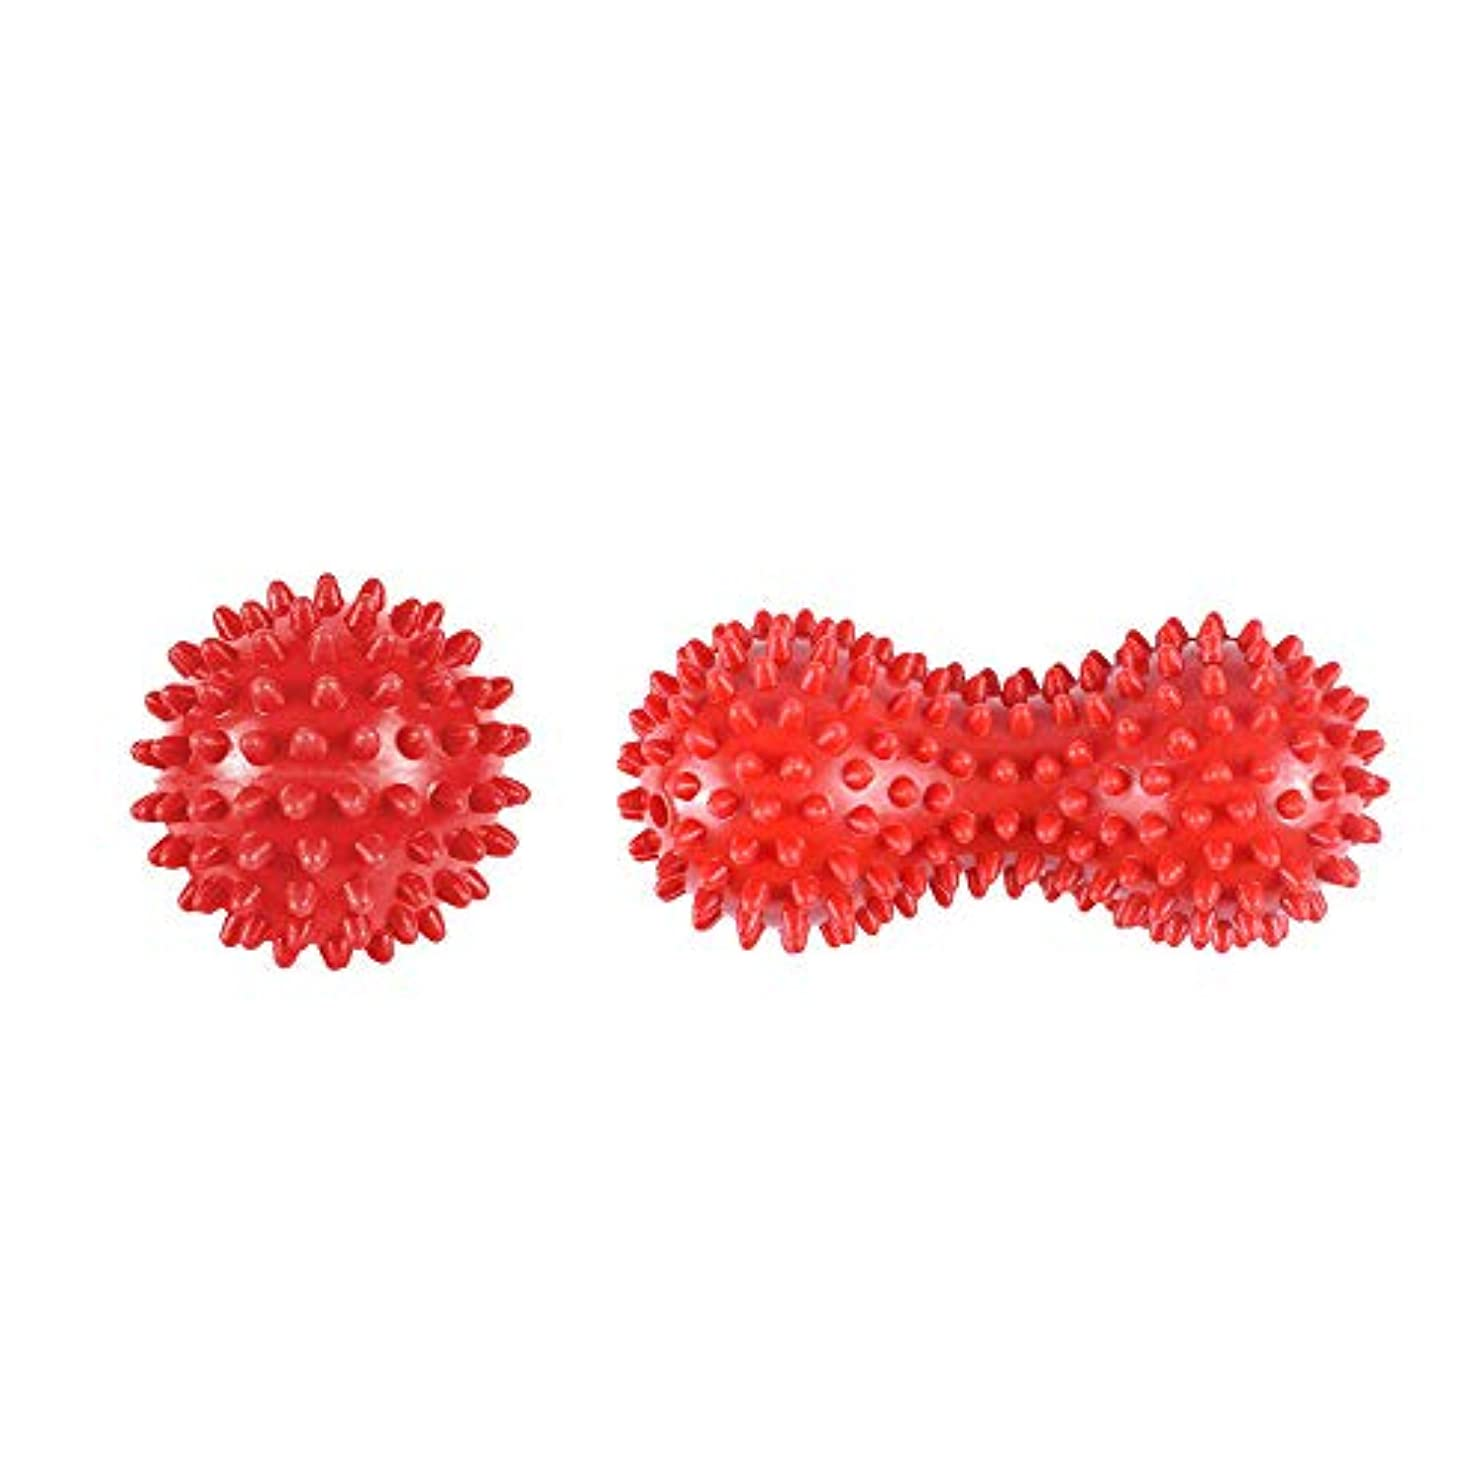 初期の飲み込む維持ヨガボール ツボ押しグッズ ツボマッサージ ツインボール マッサージボール ストレッチ ピーナッツ型 筋膜